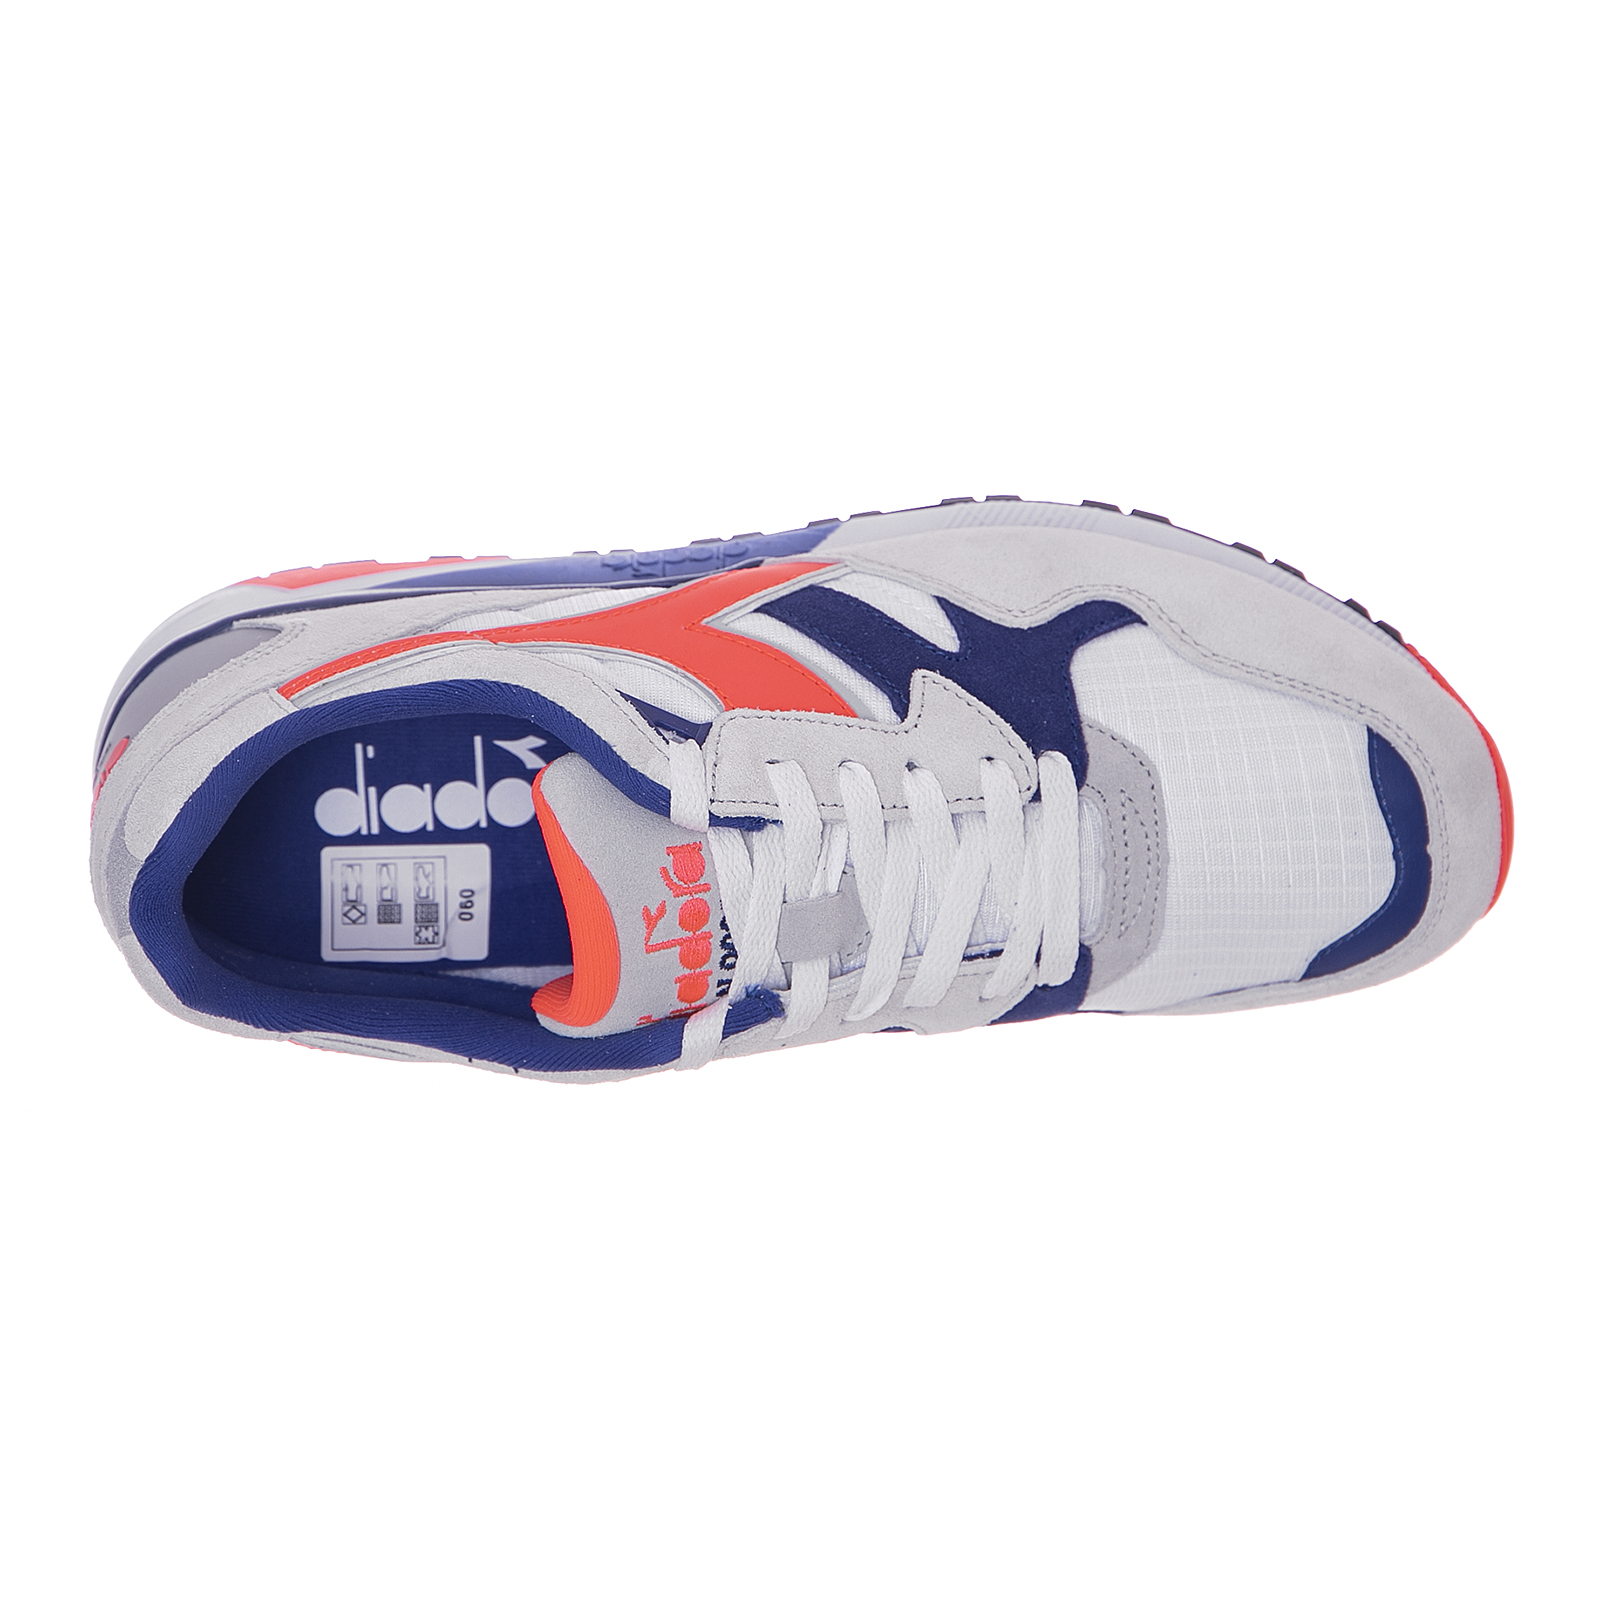 Diadora Blanco Sneakers N9002 Blanco Blanco Diadora 14582d